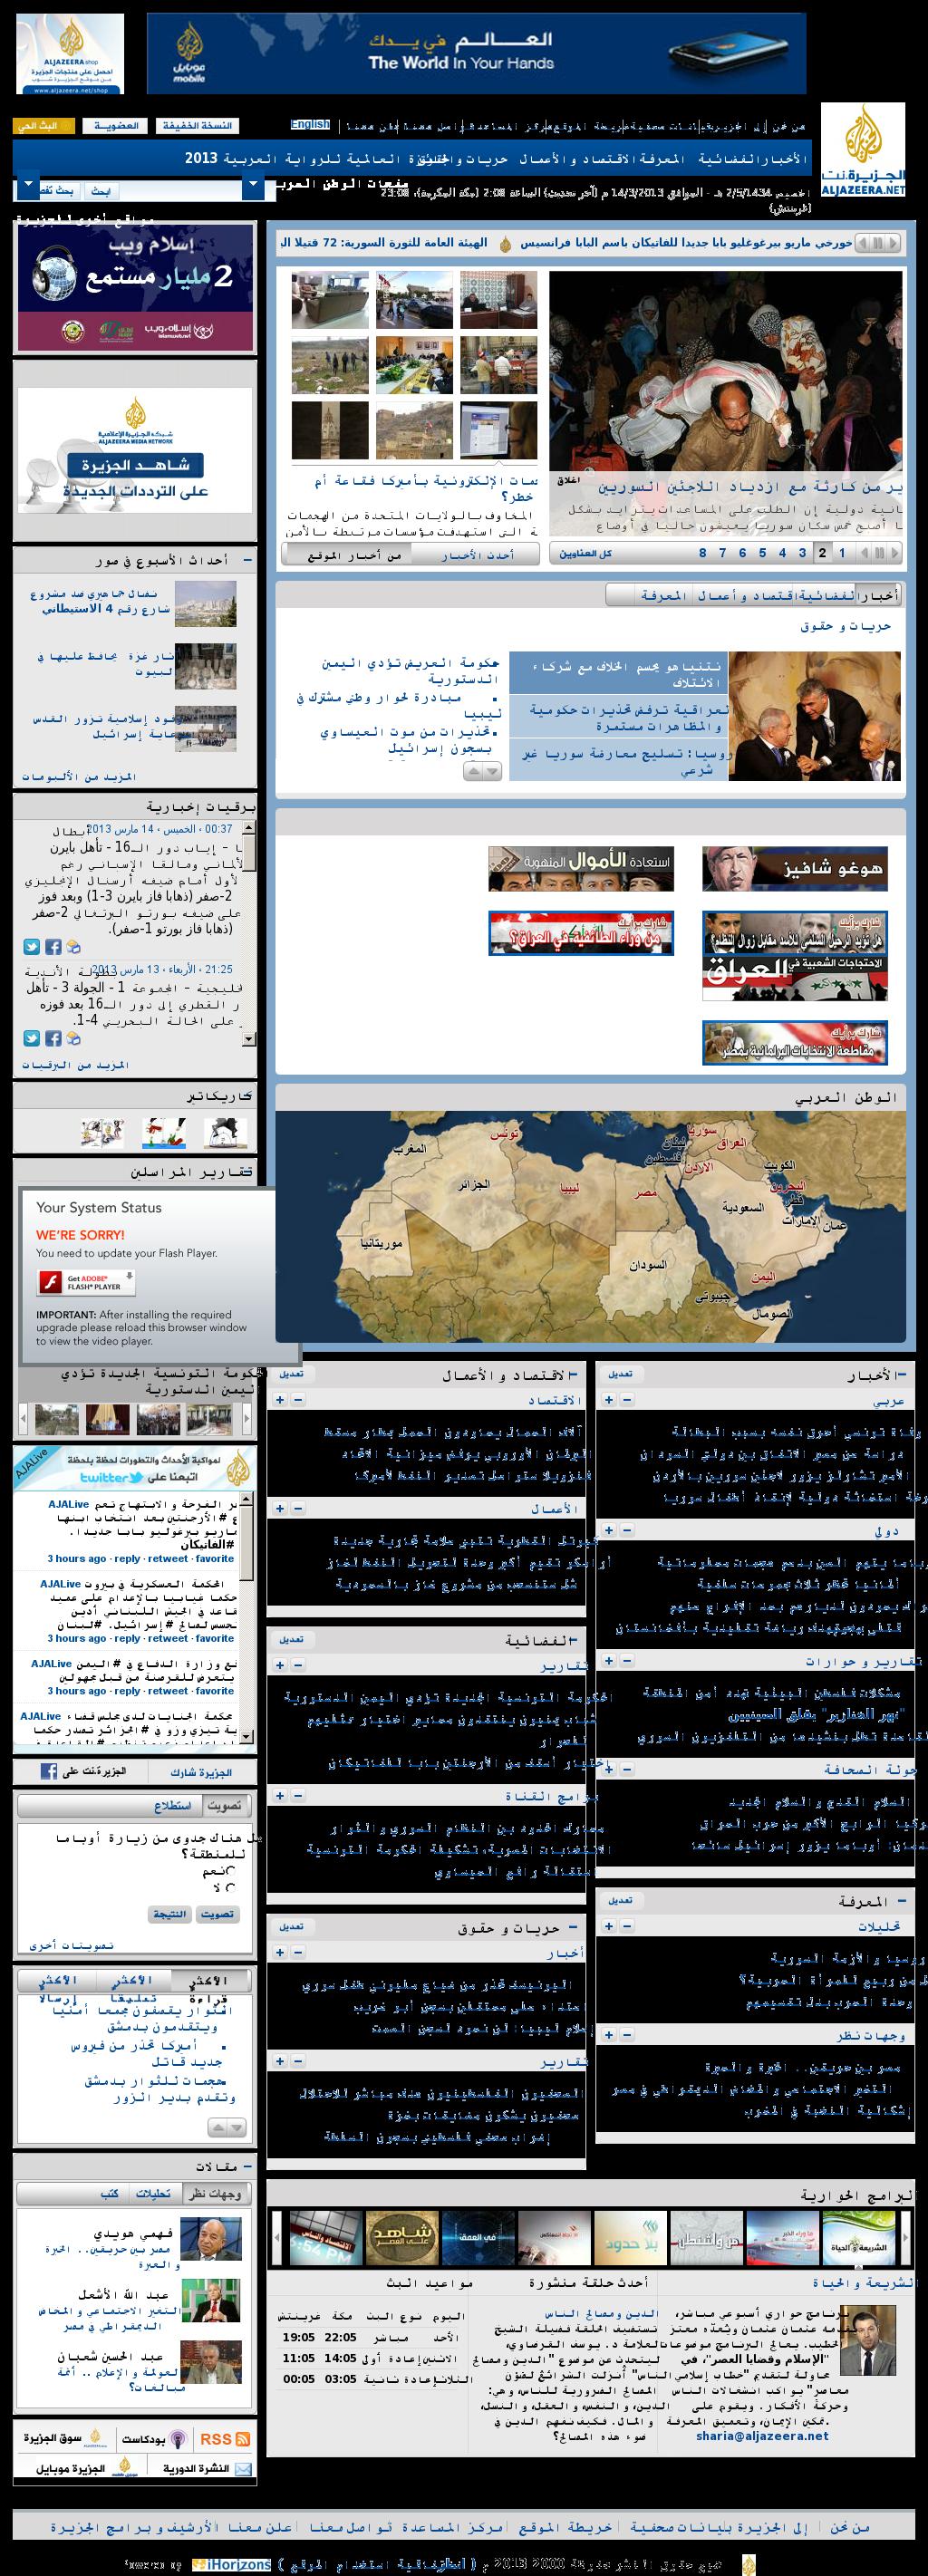 Al Jazeera at Thursday March 14, 2013, 12:11 a.m. UTC